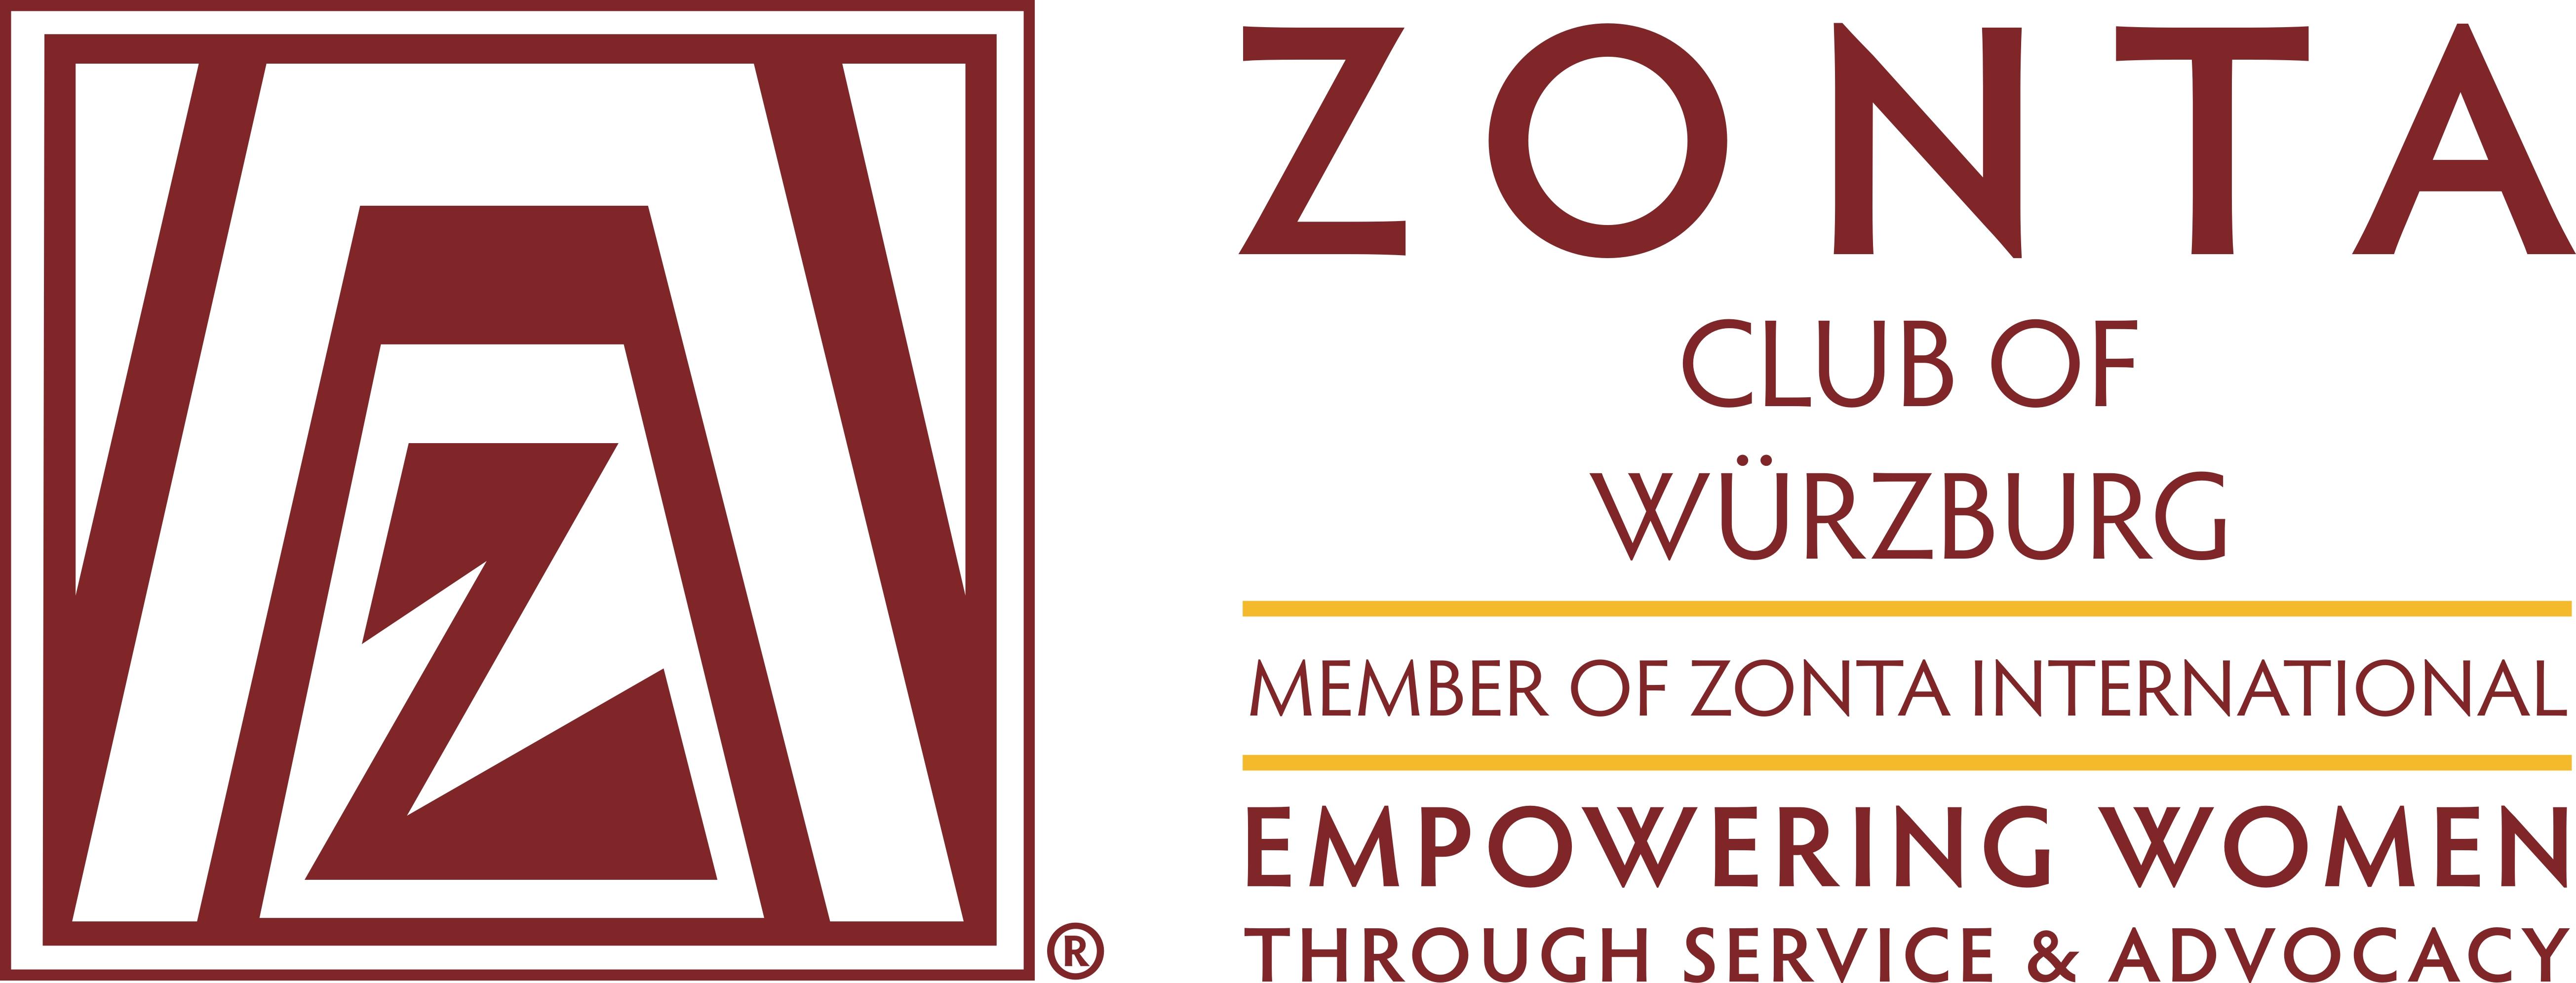 ZONTA Club Würzburg